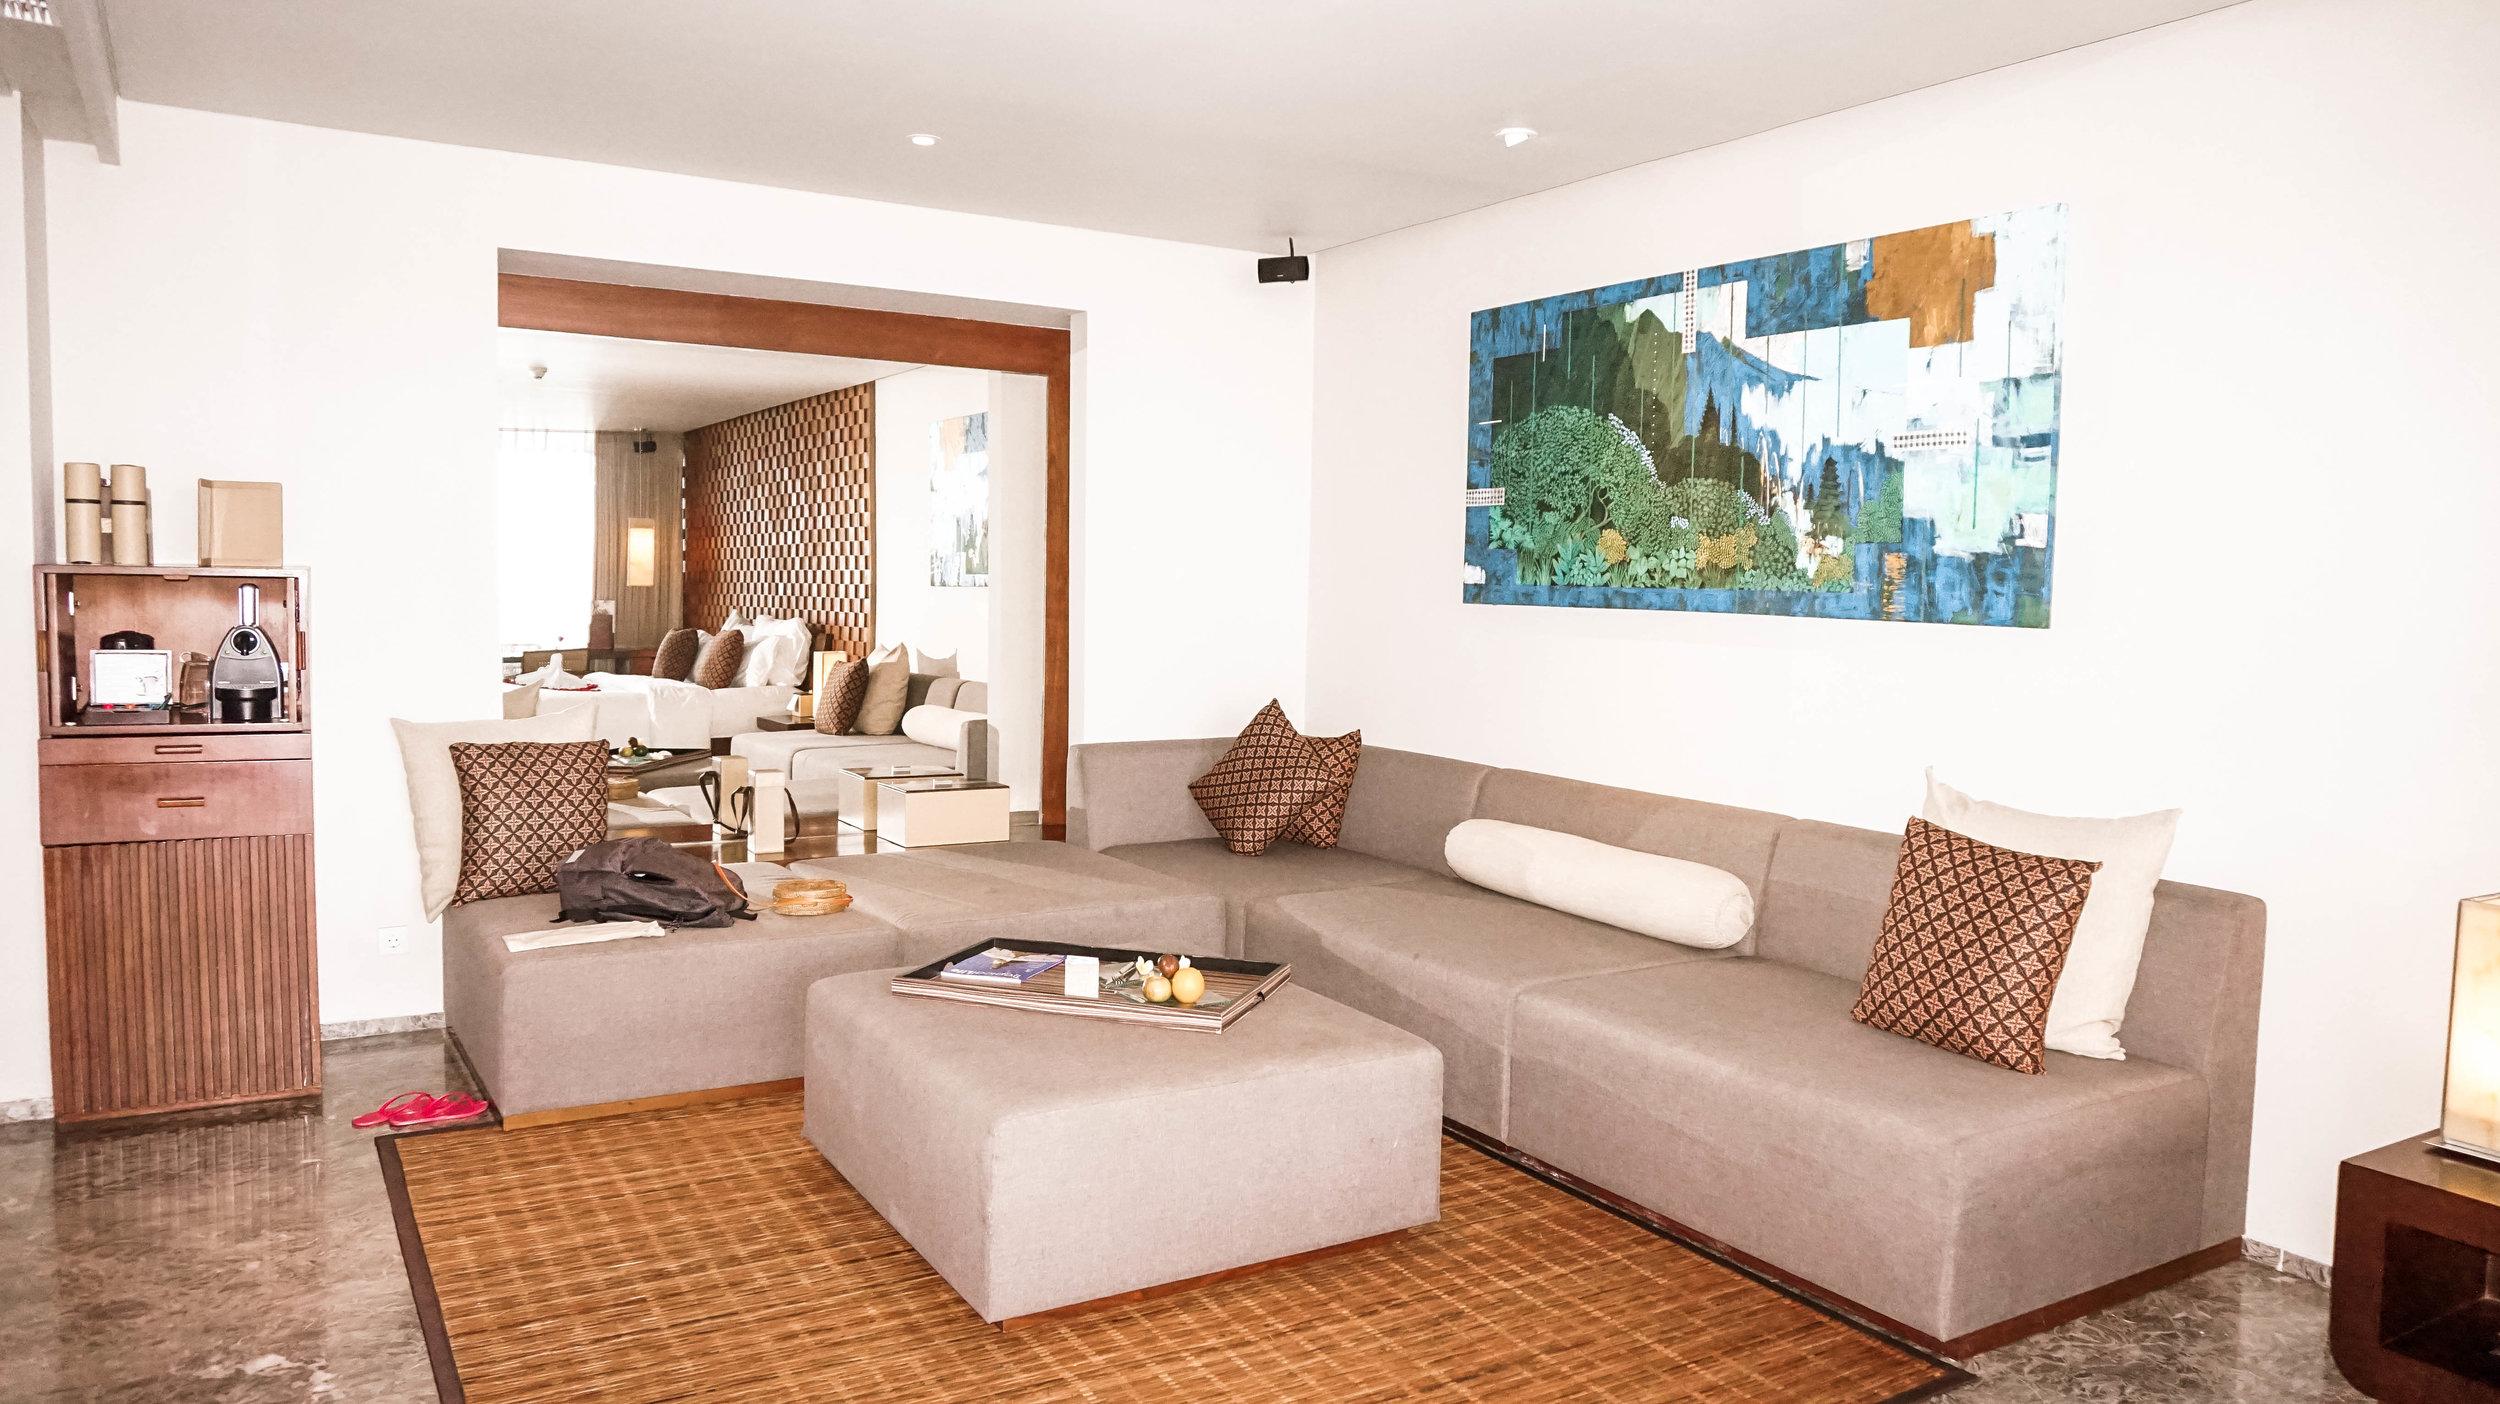 Anantara-uluwatu-bali-oceanfront-suite-2018.jpg